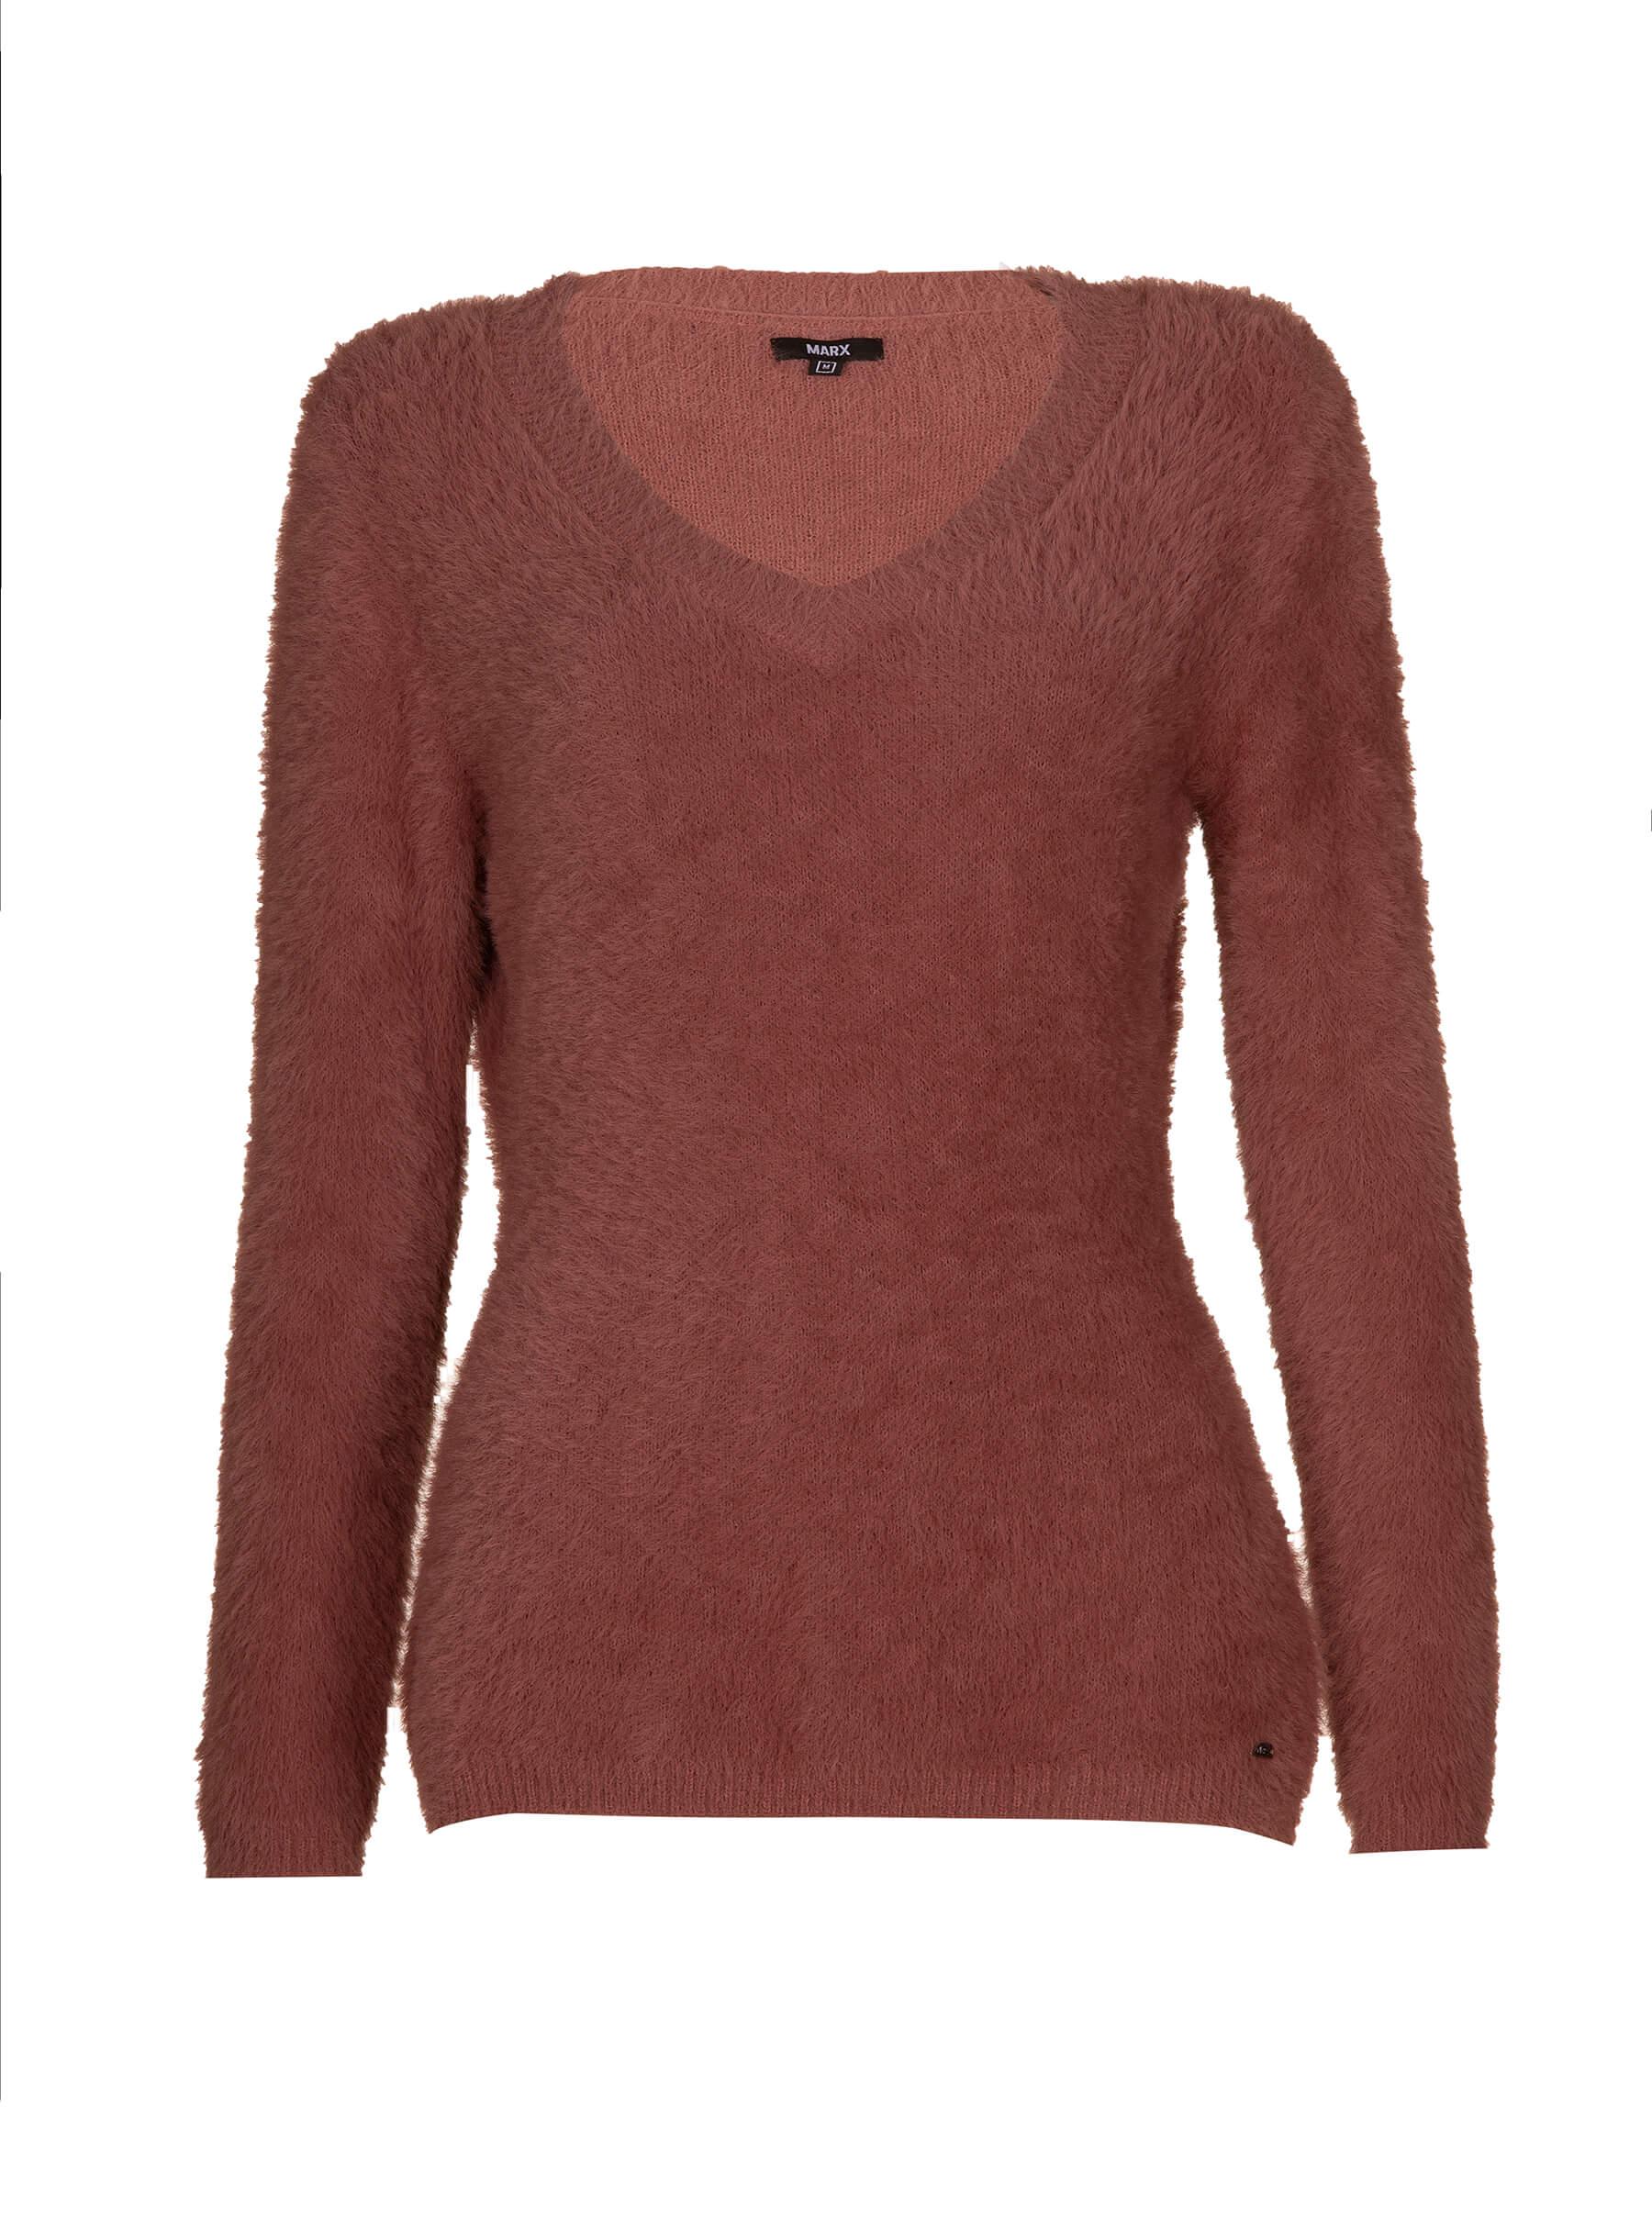 Marx pulover: redna cena 39,99 EUR;  50% popust